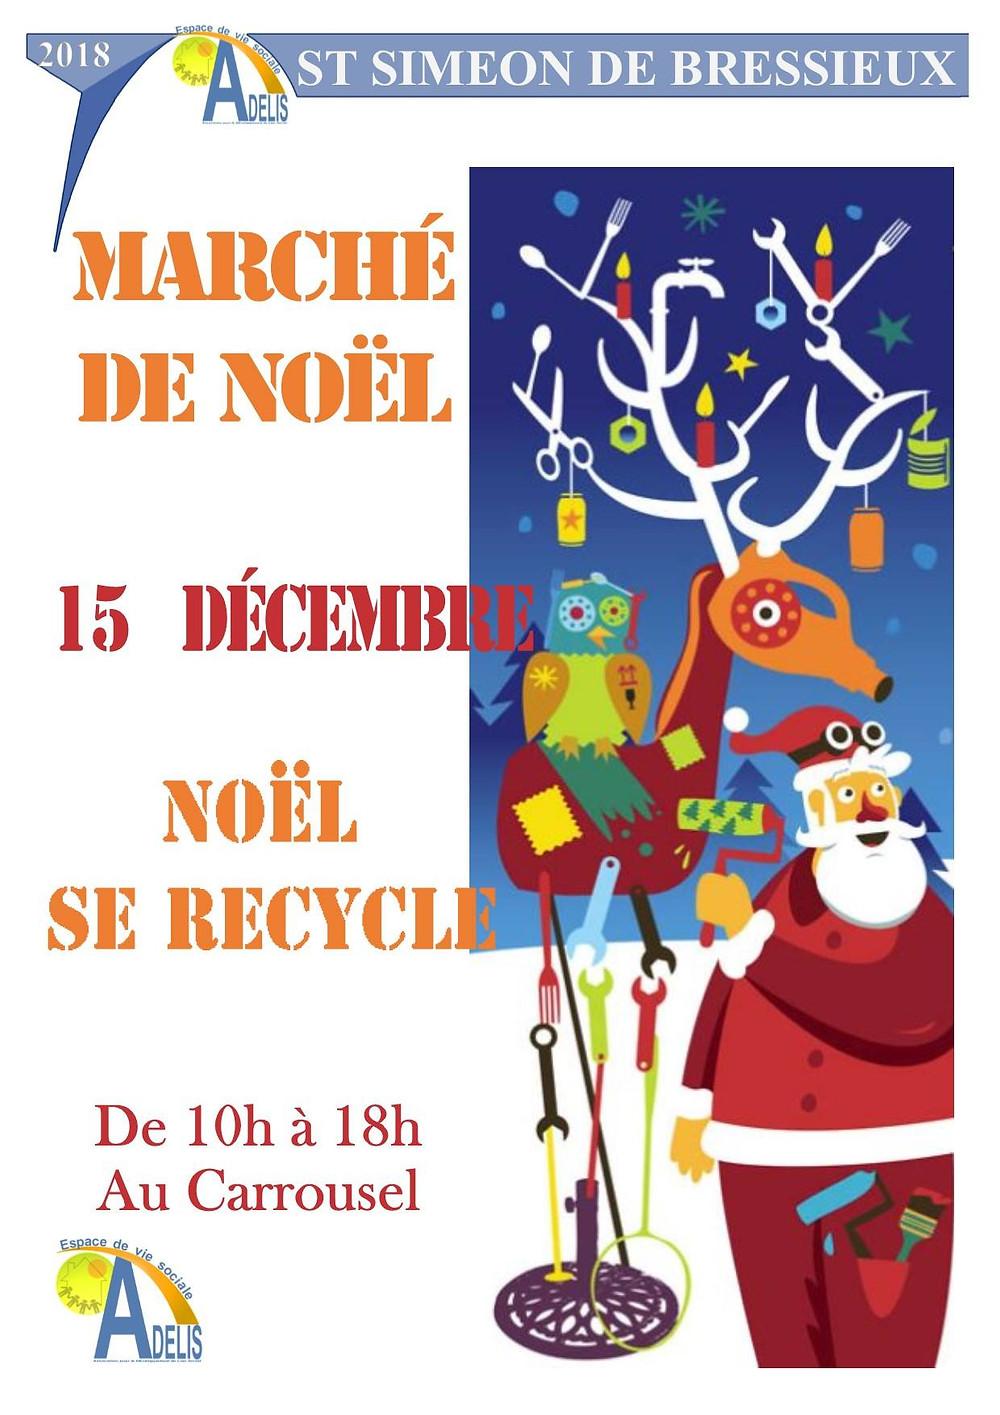 affiche du marché de Noël de ADELIS à St Siméon de Bressieux